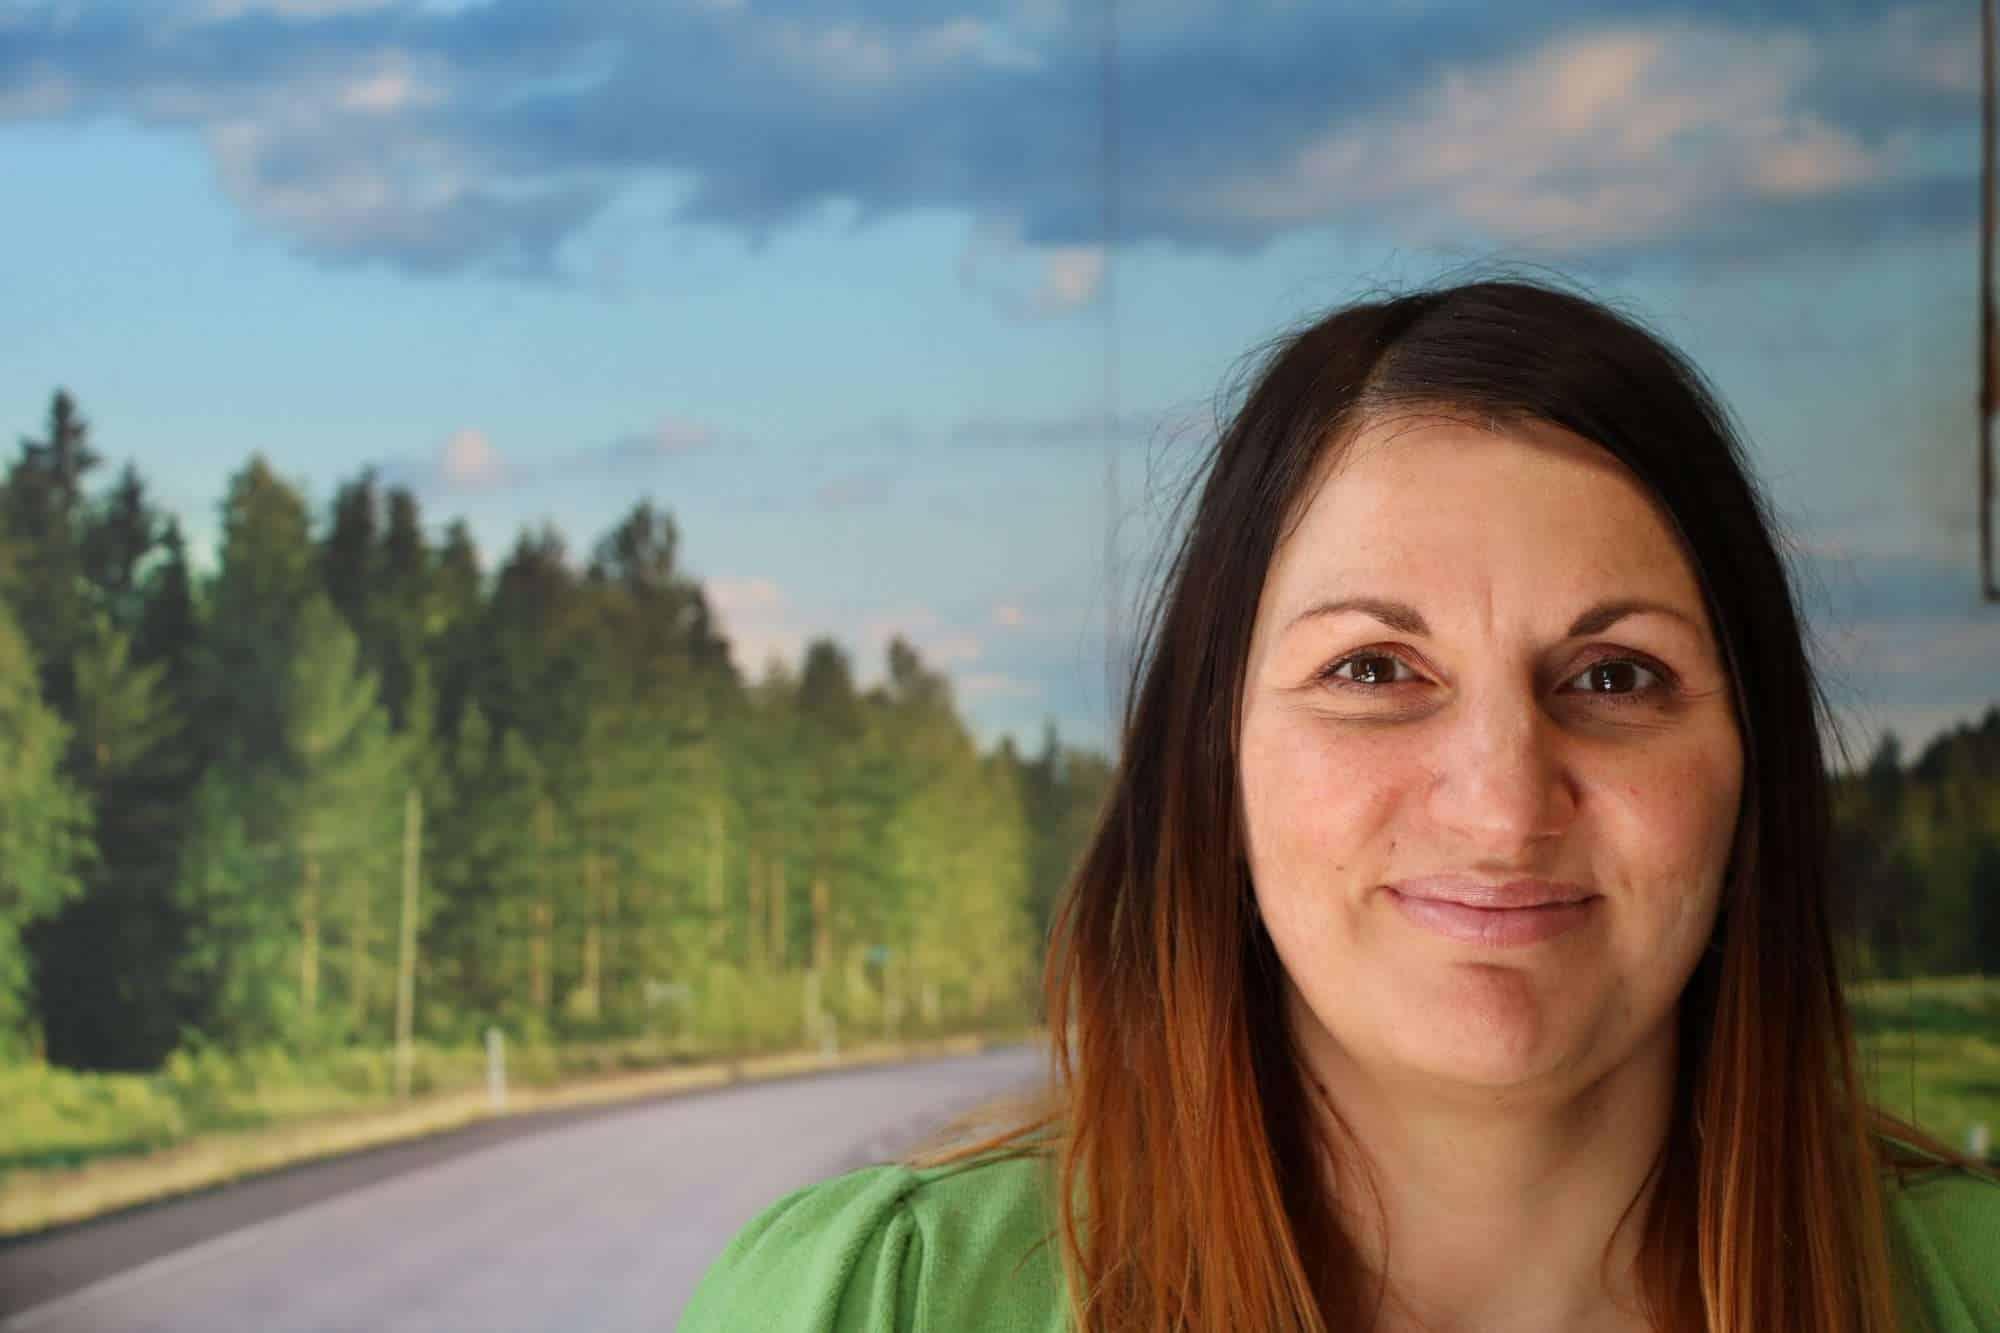 Michelle Paschali